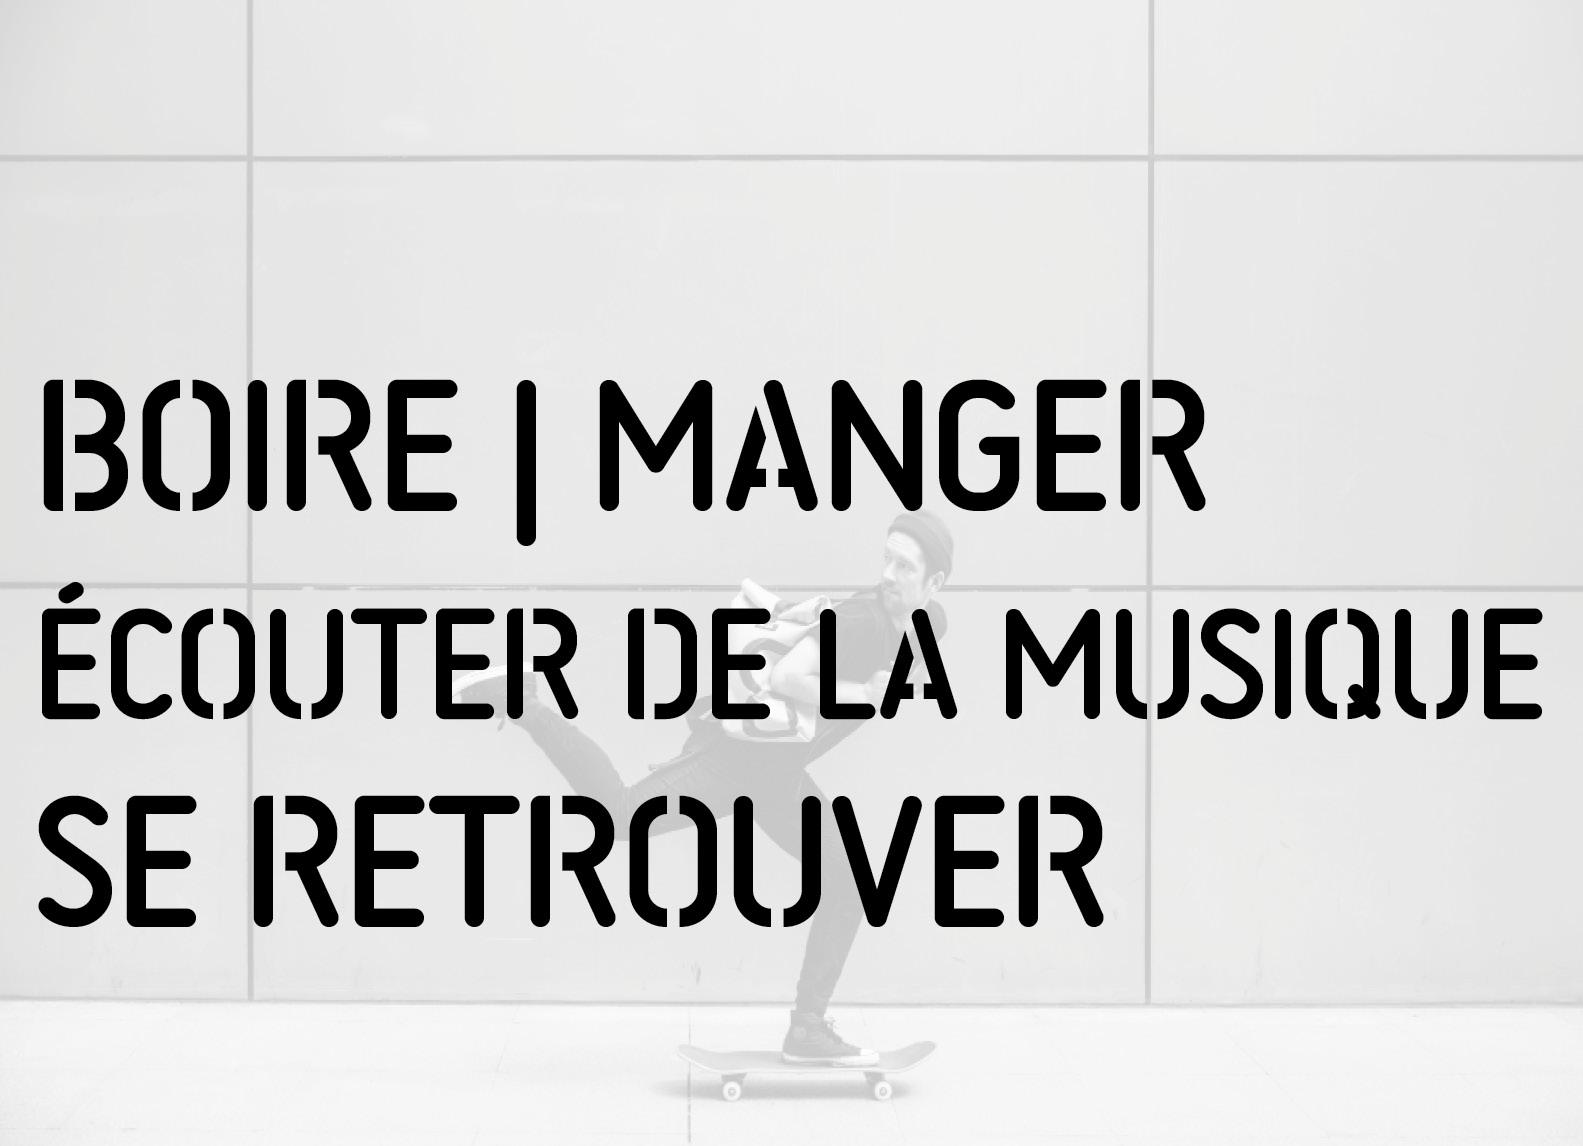 Faire - Ecouter - Boire - Manger - ecouter de la musique